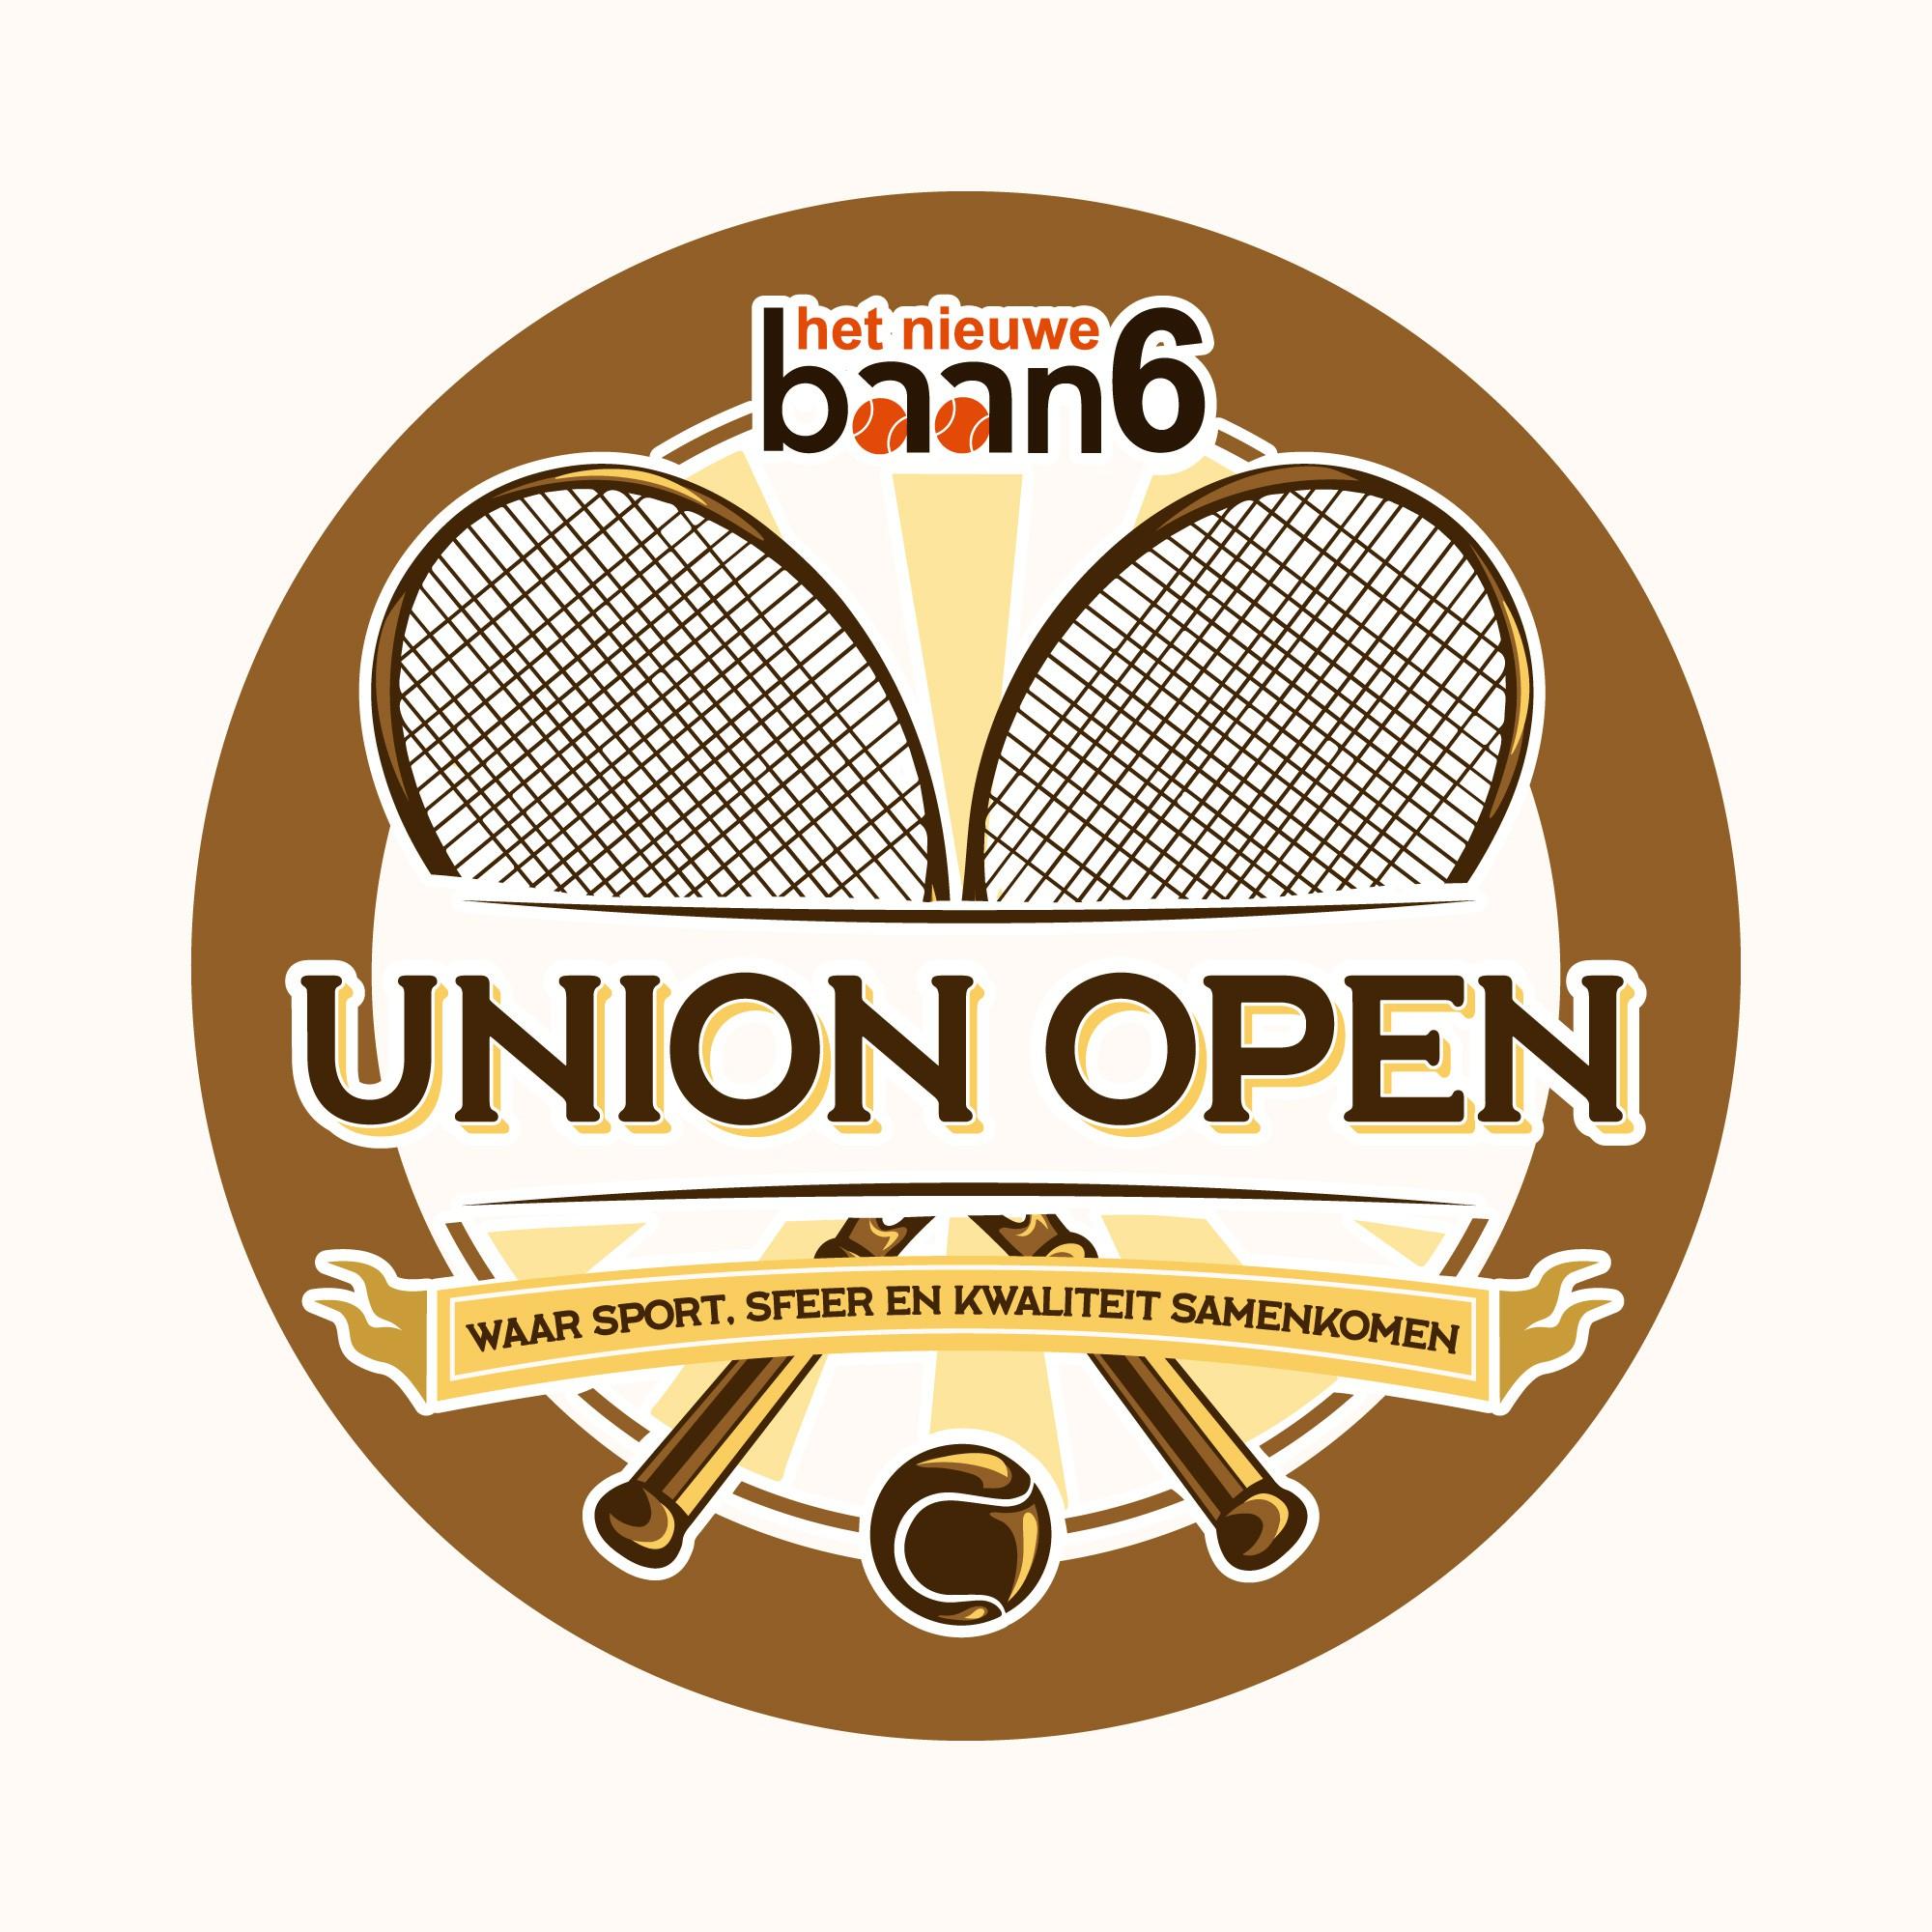 Logo voor nieuw sportevenement met sfeer & uitstraling van een festival